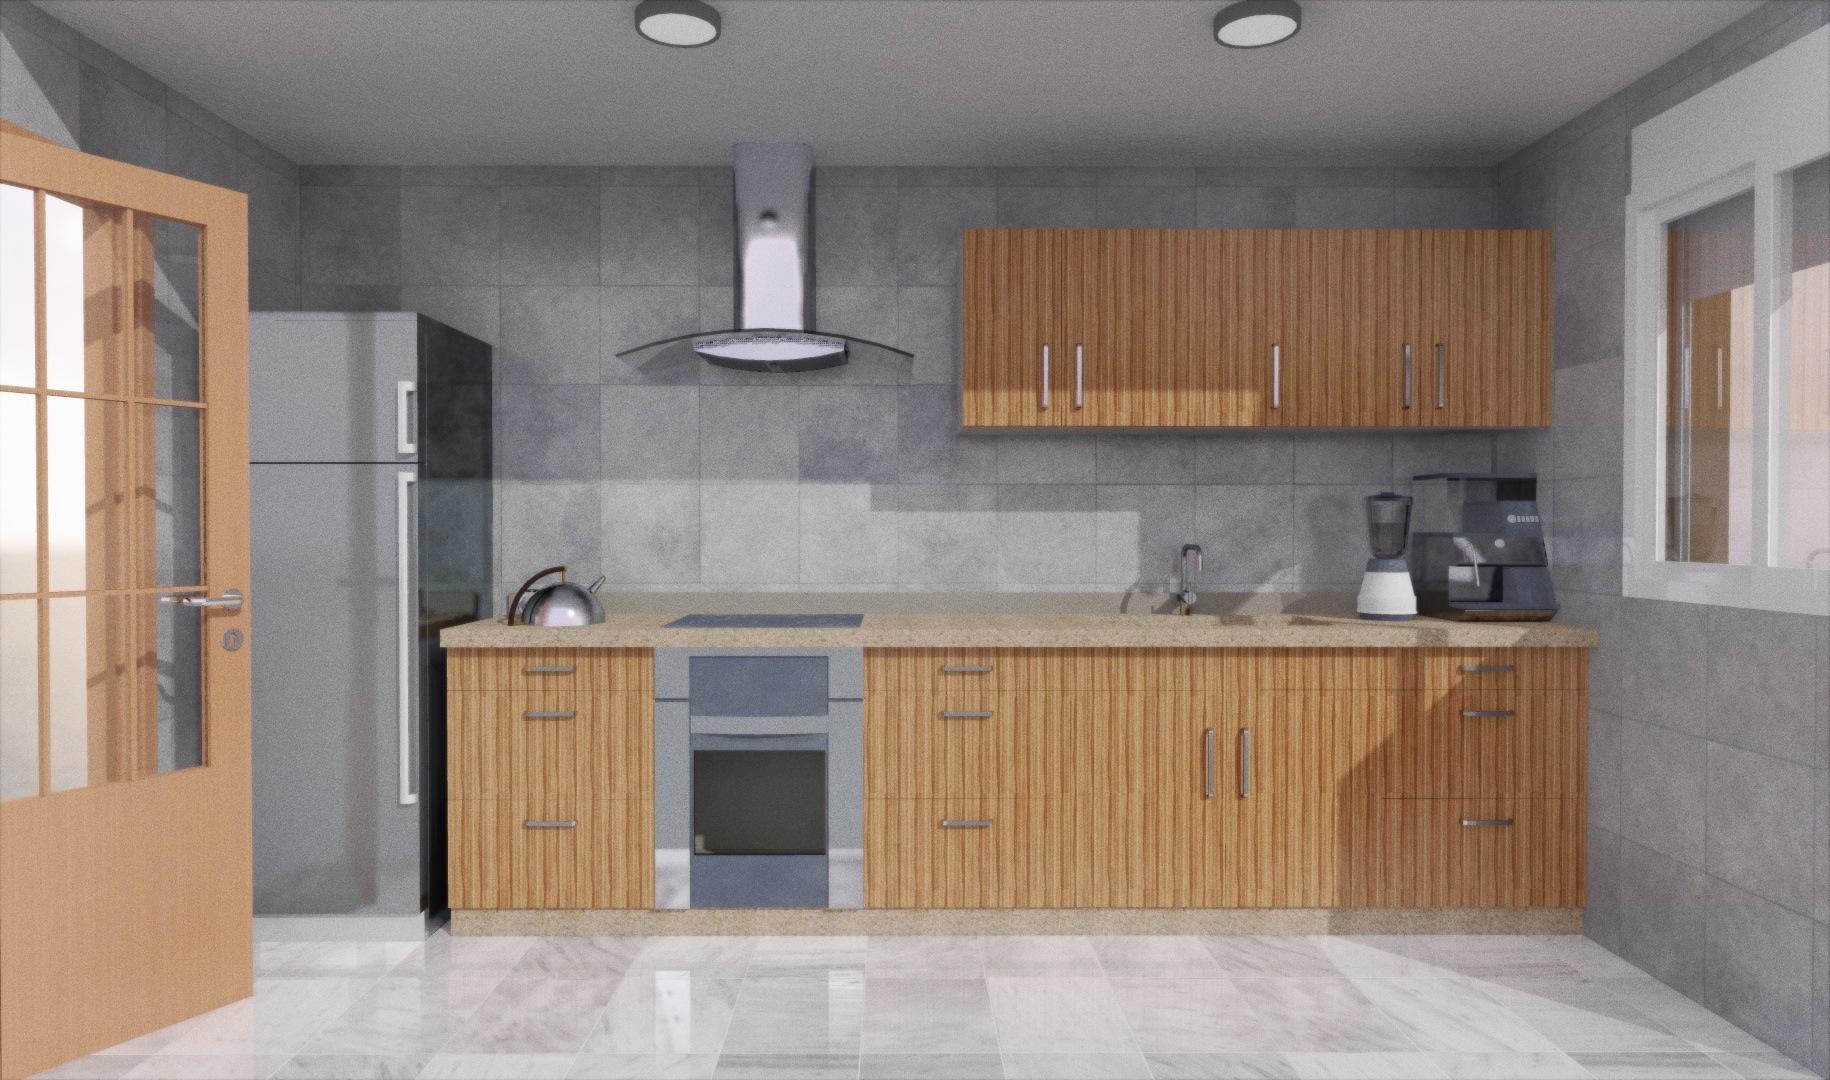 Cuanto mide una cocina garquitectos for Tipos de cocina arquitectura